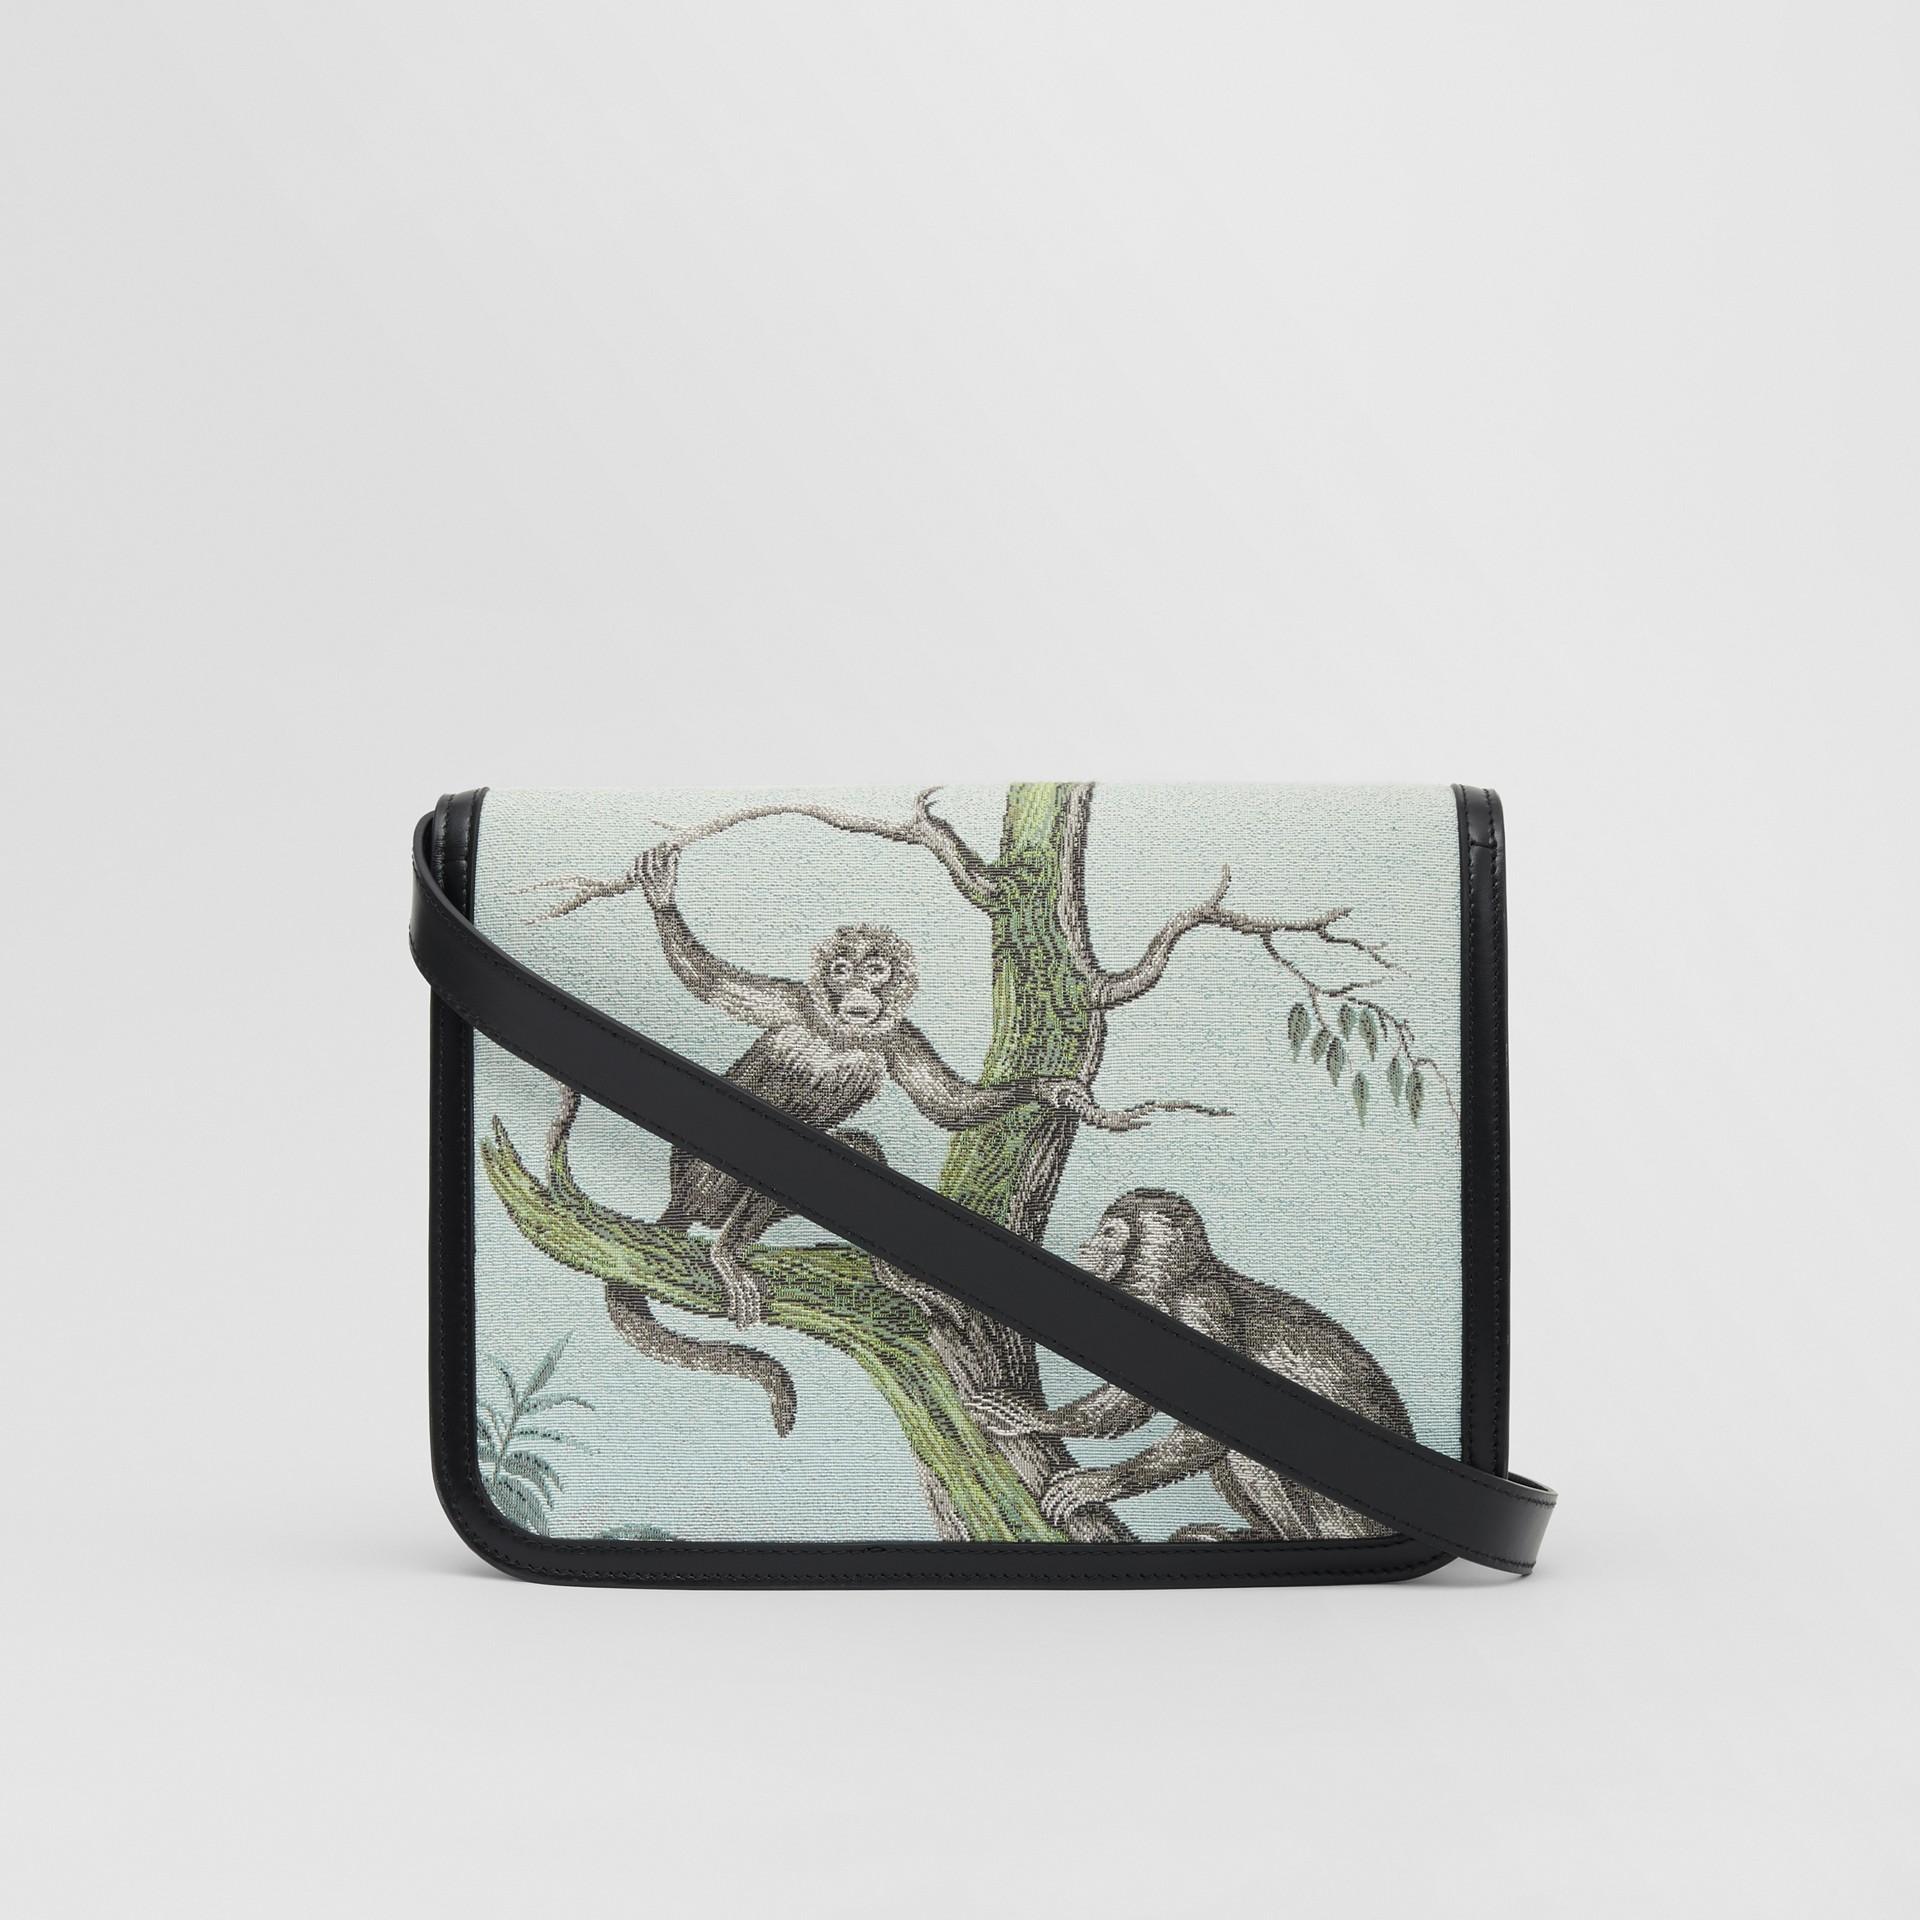 Bolsa TB de couro com recorte de macacos em jacquard - Pequena (Preto/verde Opala) - Mulheres | Burberry - galeria de imagens 7